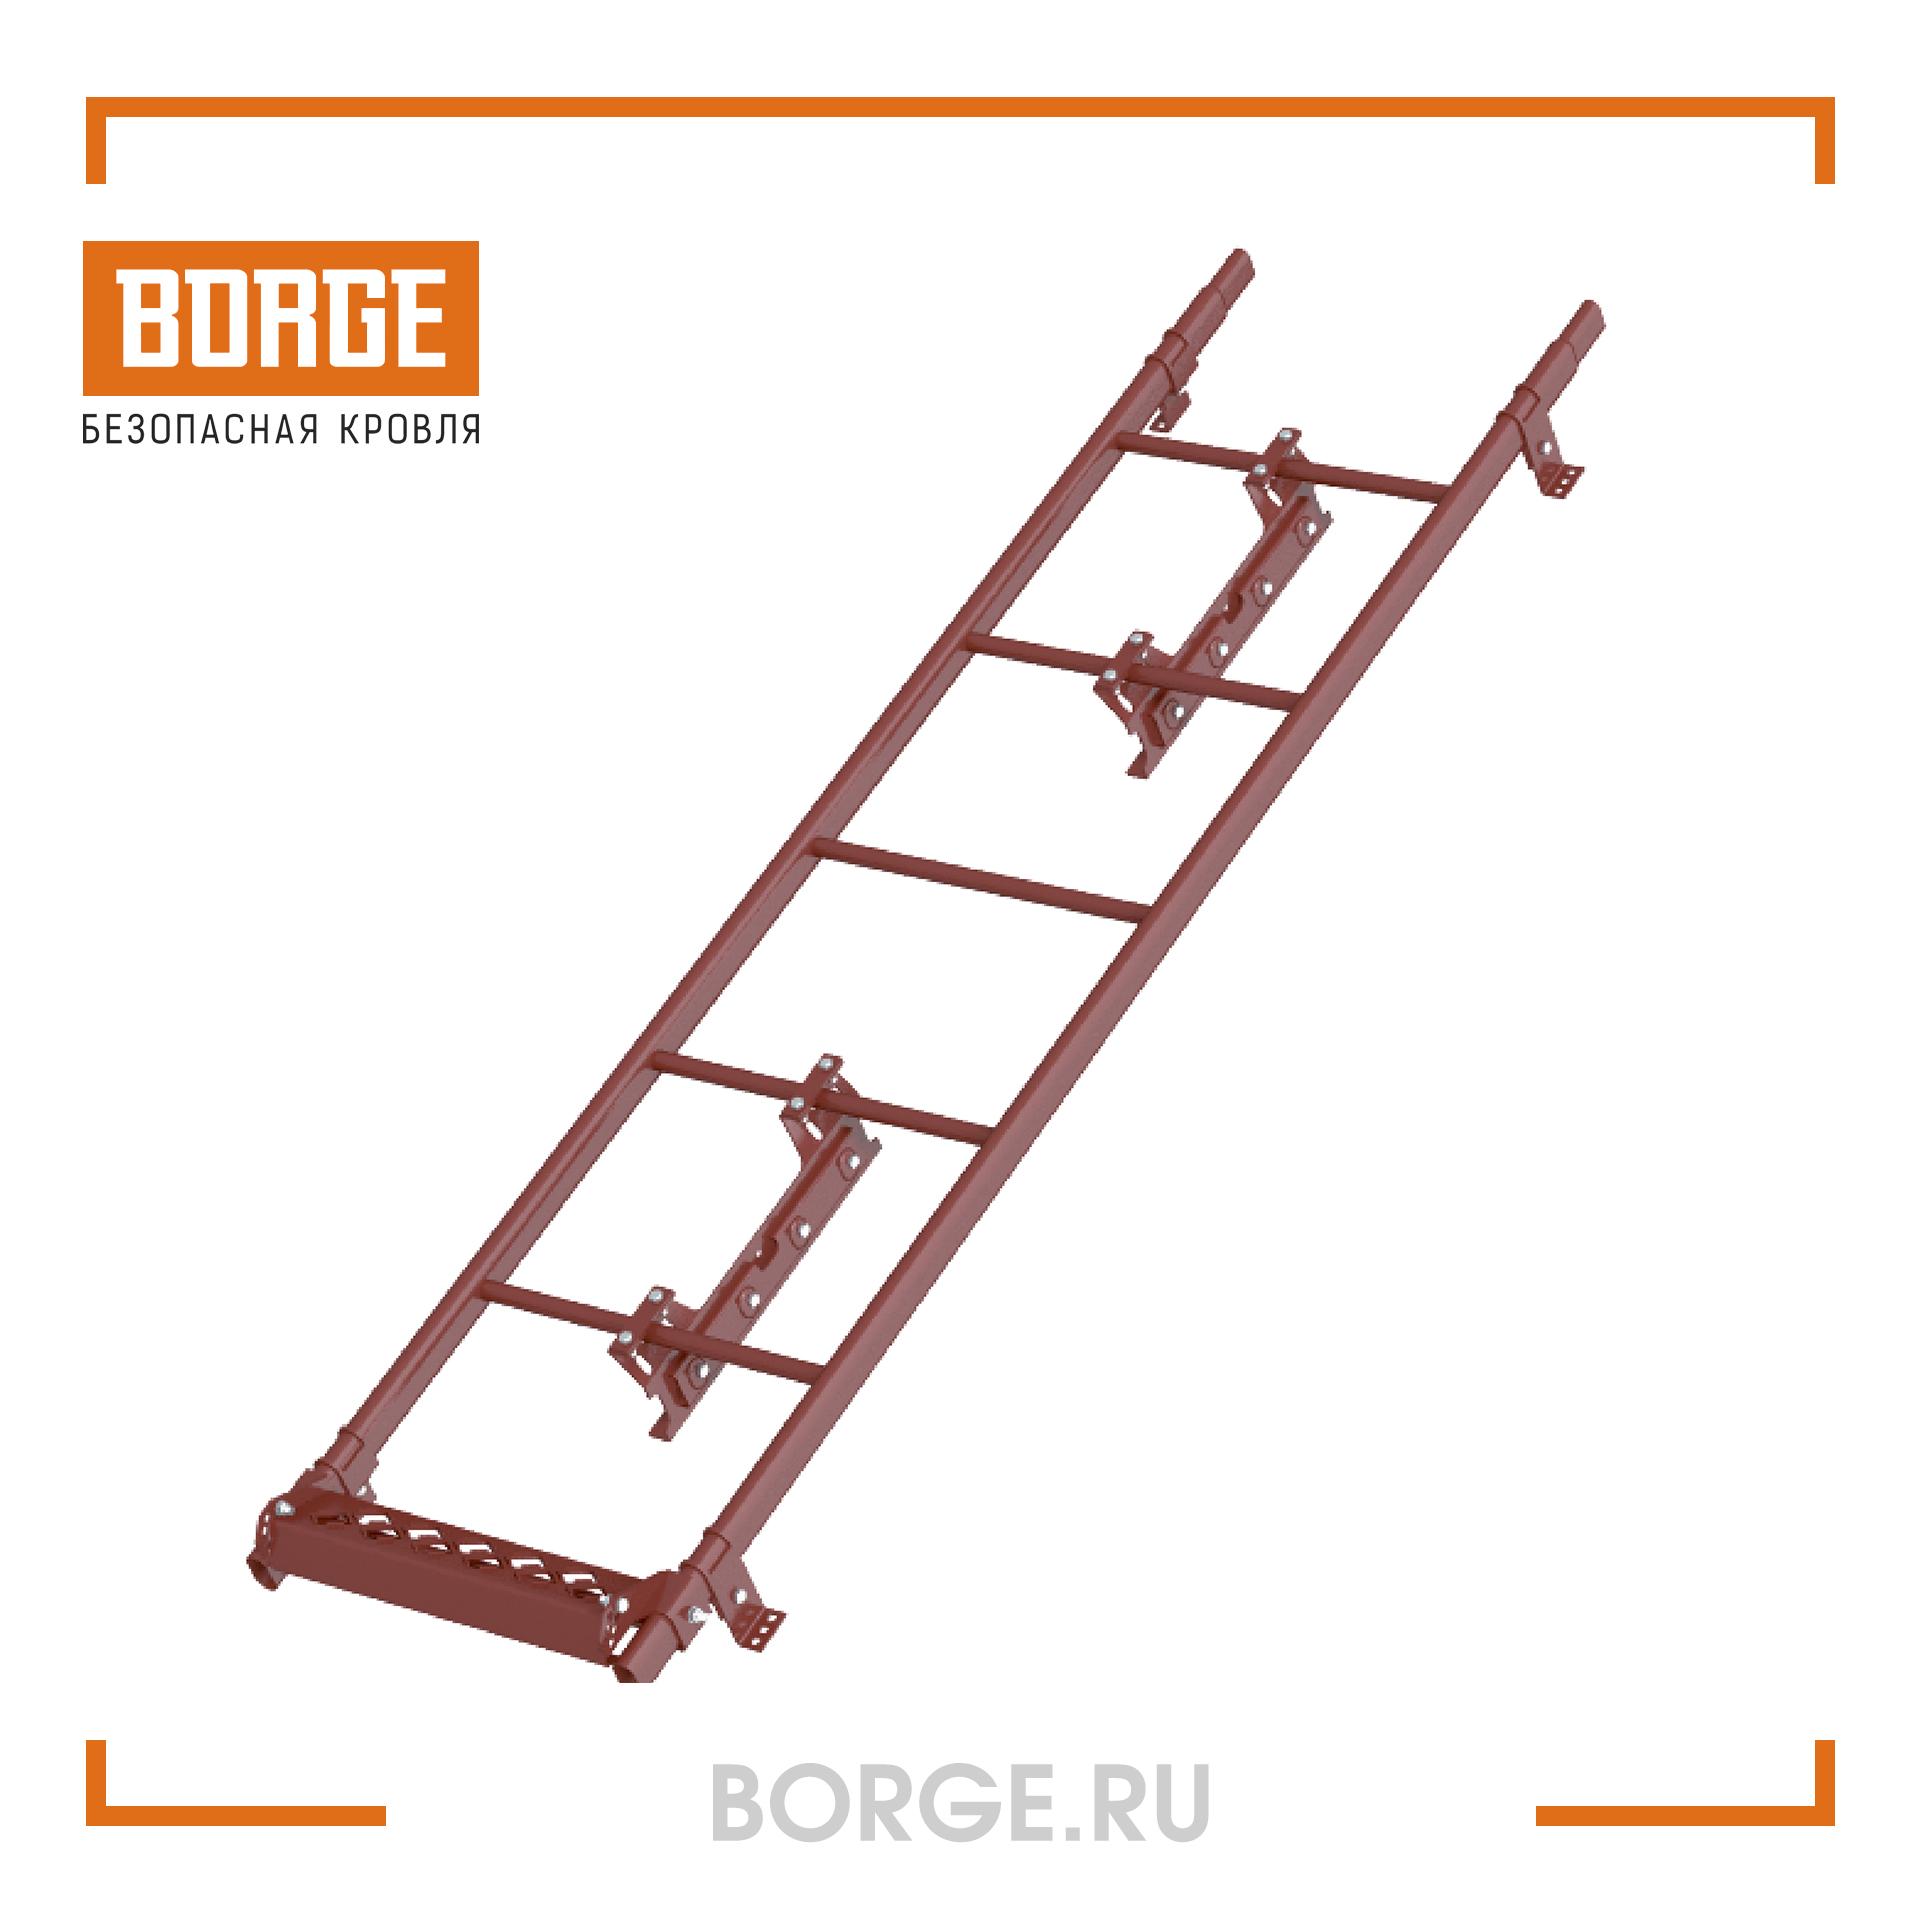 Кровельная лестница BORGE с противоскользящей ступенькой